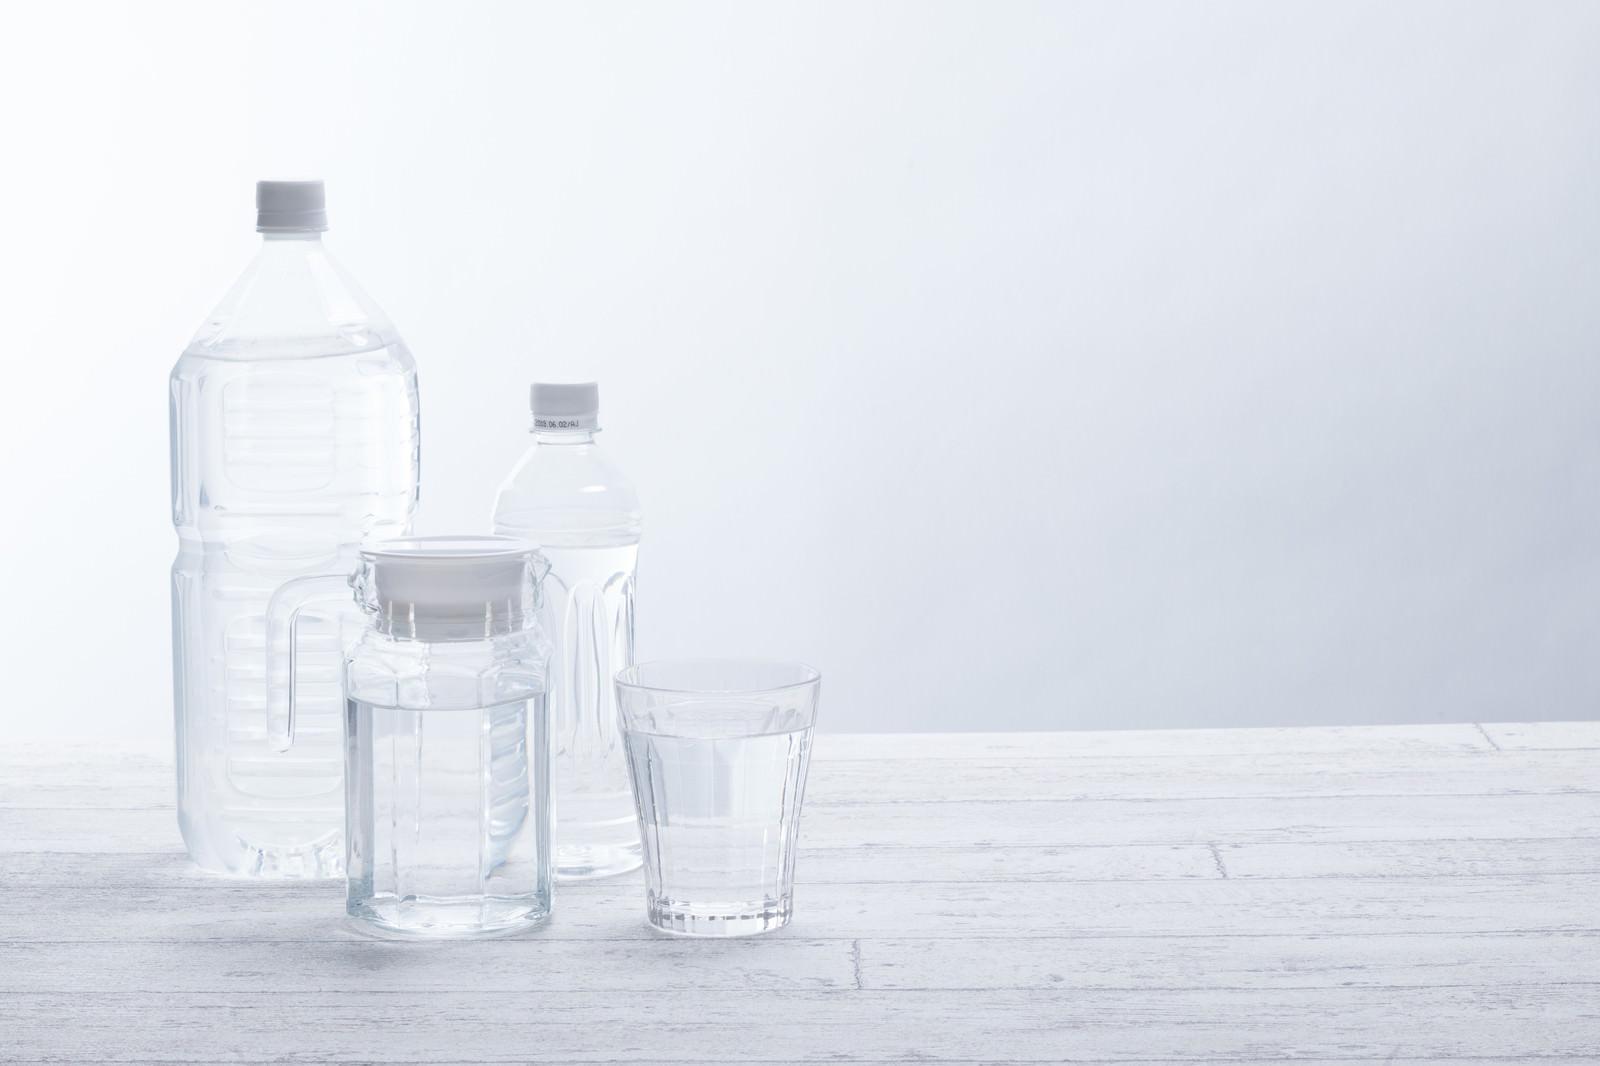 「ペットボトルと飲料水」の写真